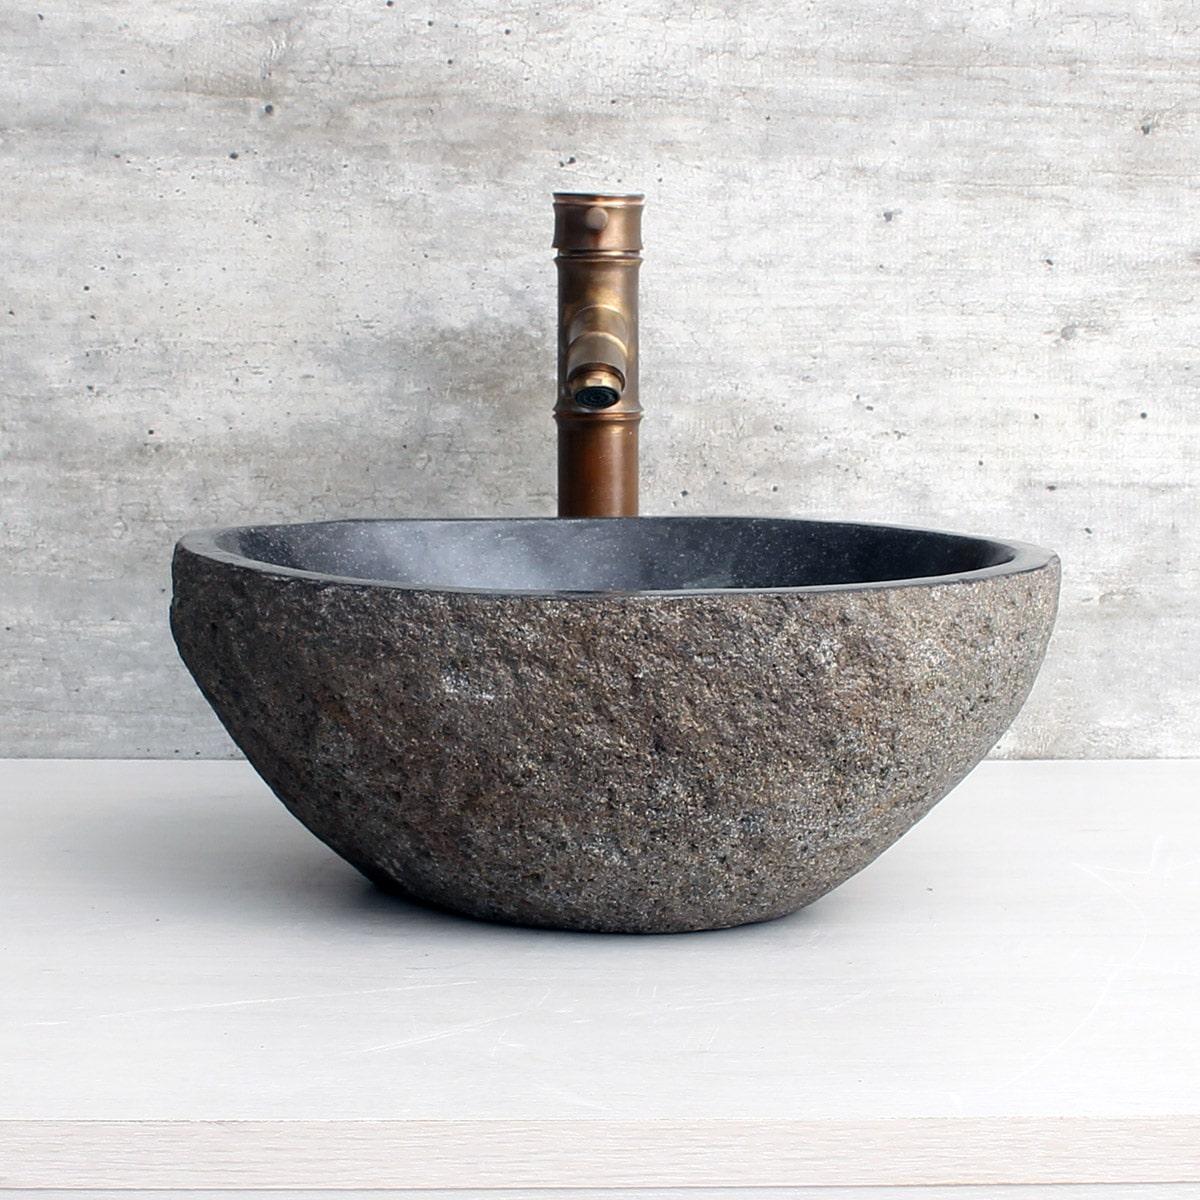 Cuba de Banheiro em Pedra Natural RS1119 38x31x15cm